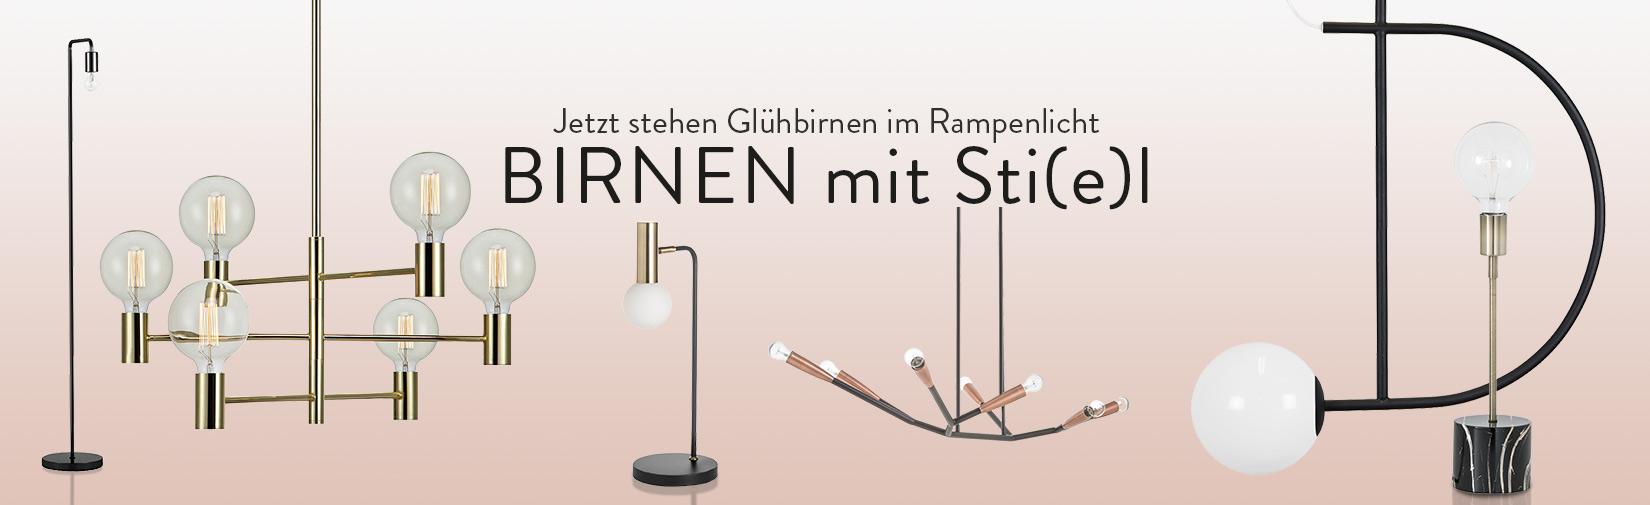 LP_Birnen-mit-Stiel_Desktop